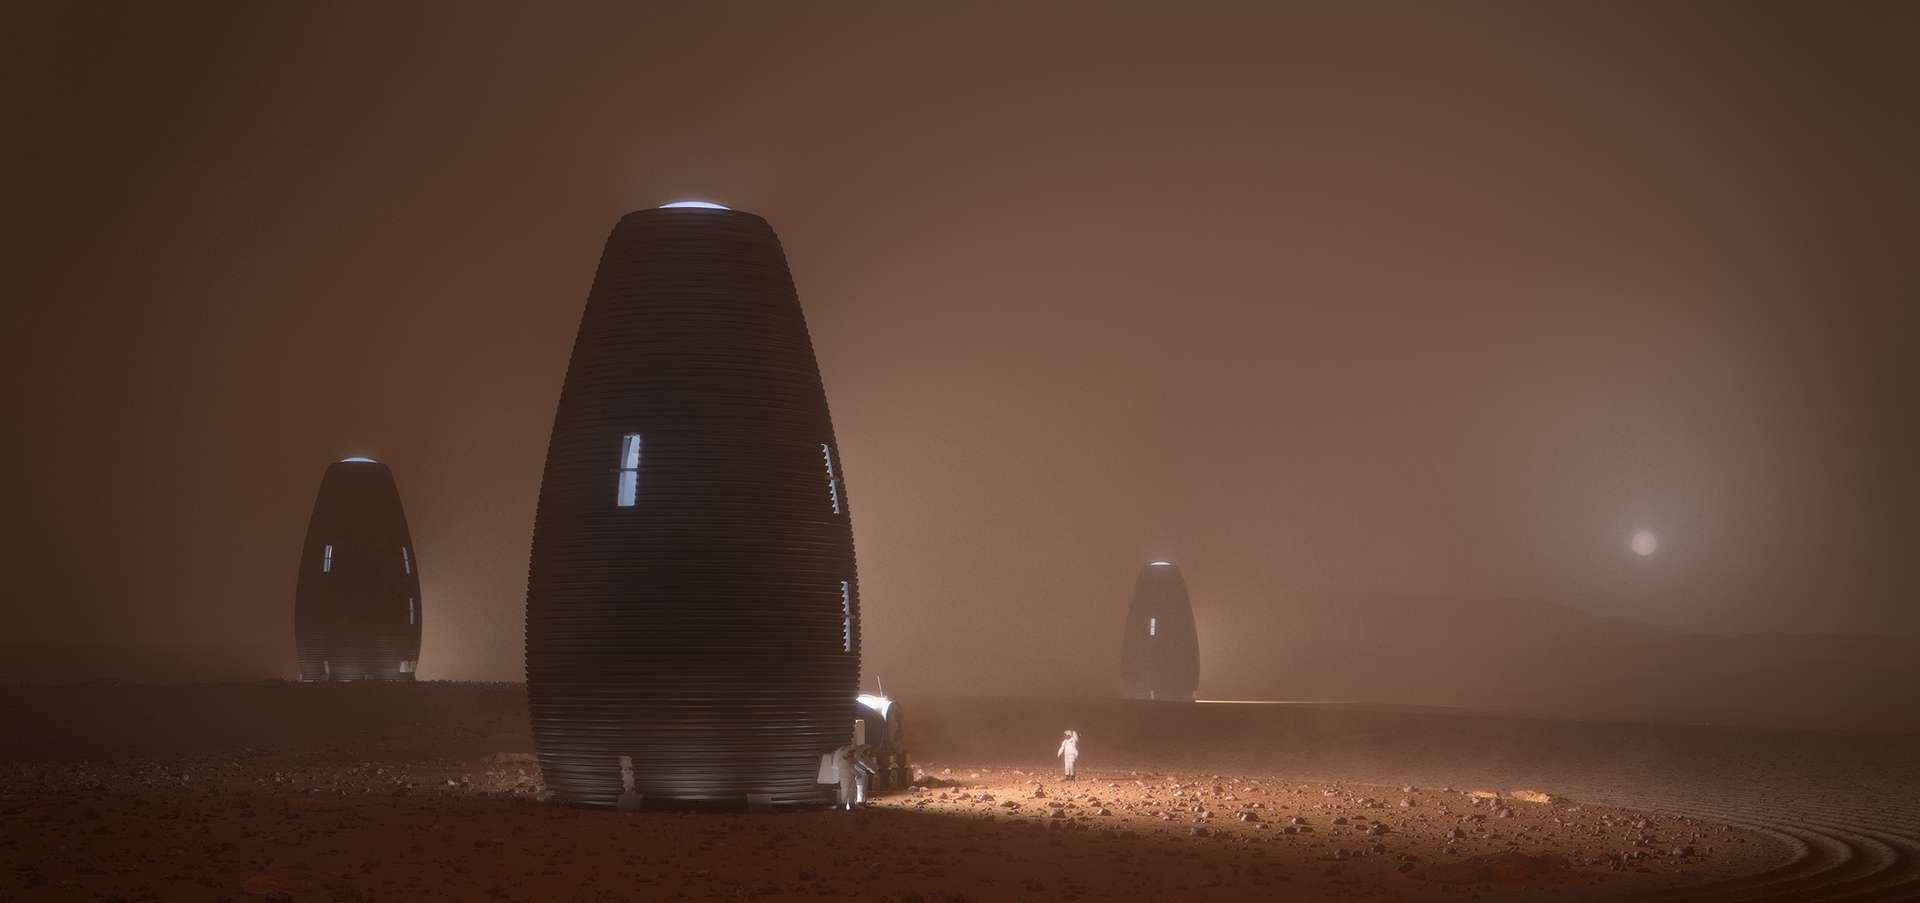 Impression d'artiste de l'habitat martien imaginé par AI SpaceFactory. © AI SpaceFactory